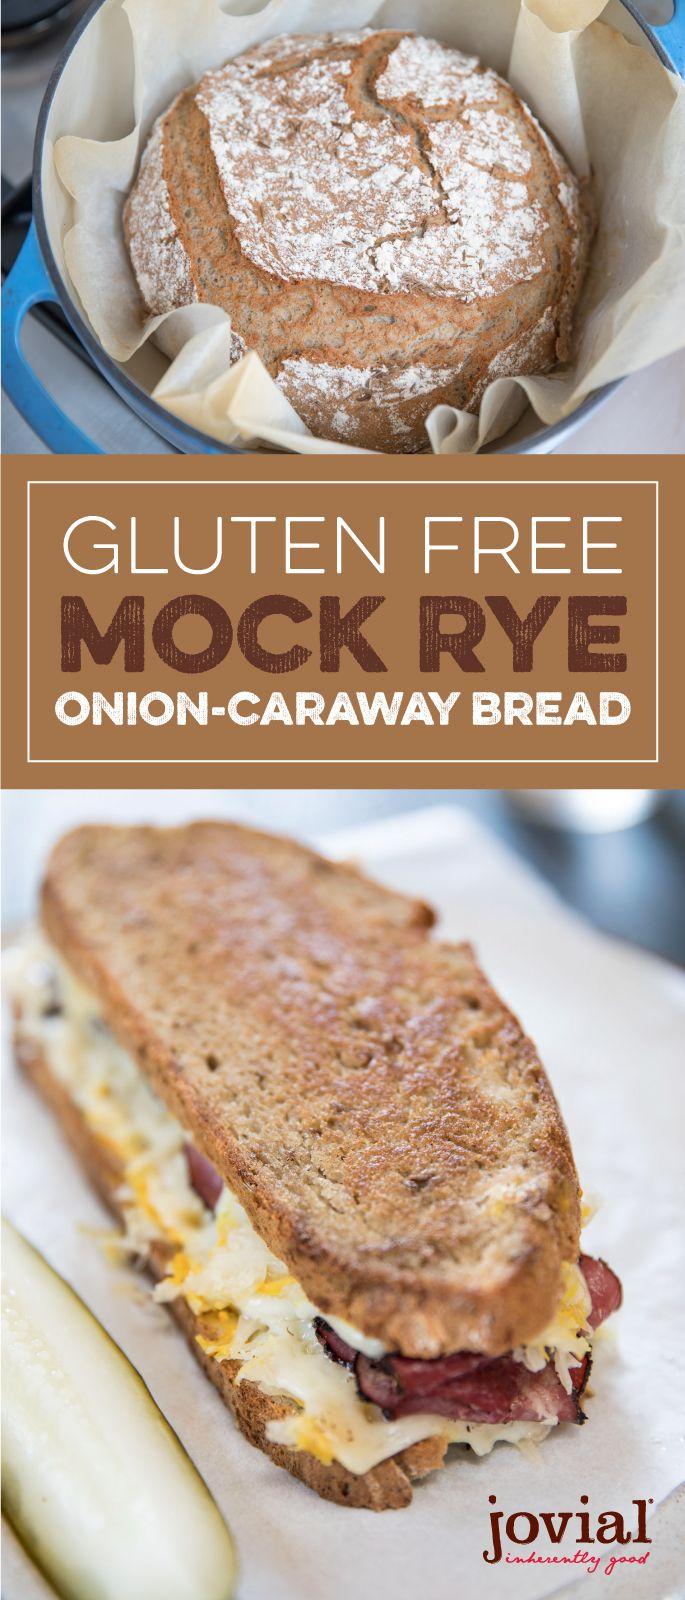 Gluten Free Mock Rye Onion Caraway Bread Recipe Homemade Gluten Free Bread Gluten Free Artisan Bread Wheat Free Bread